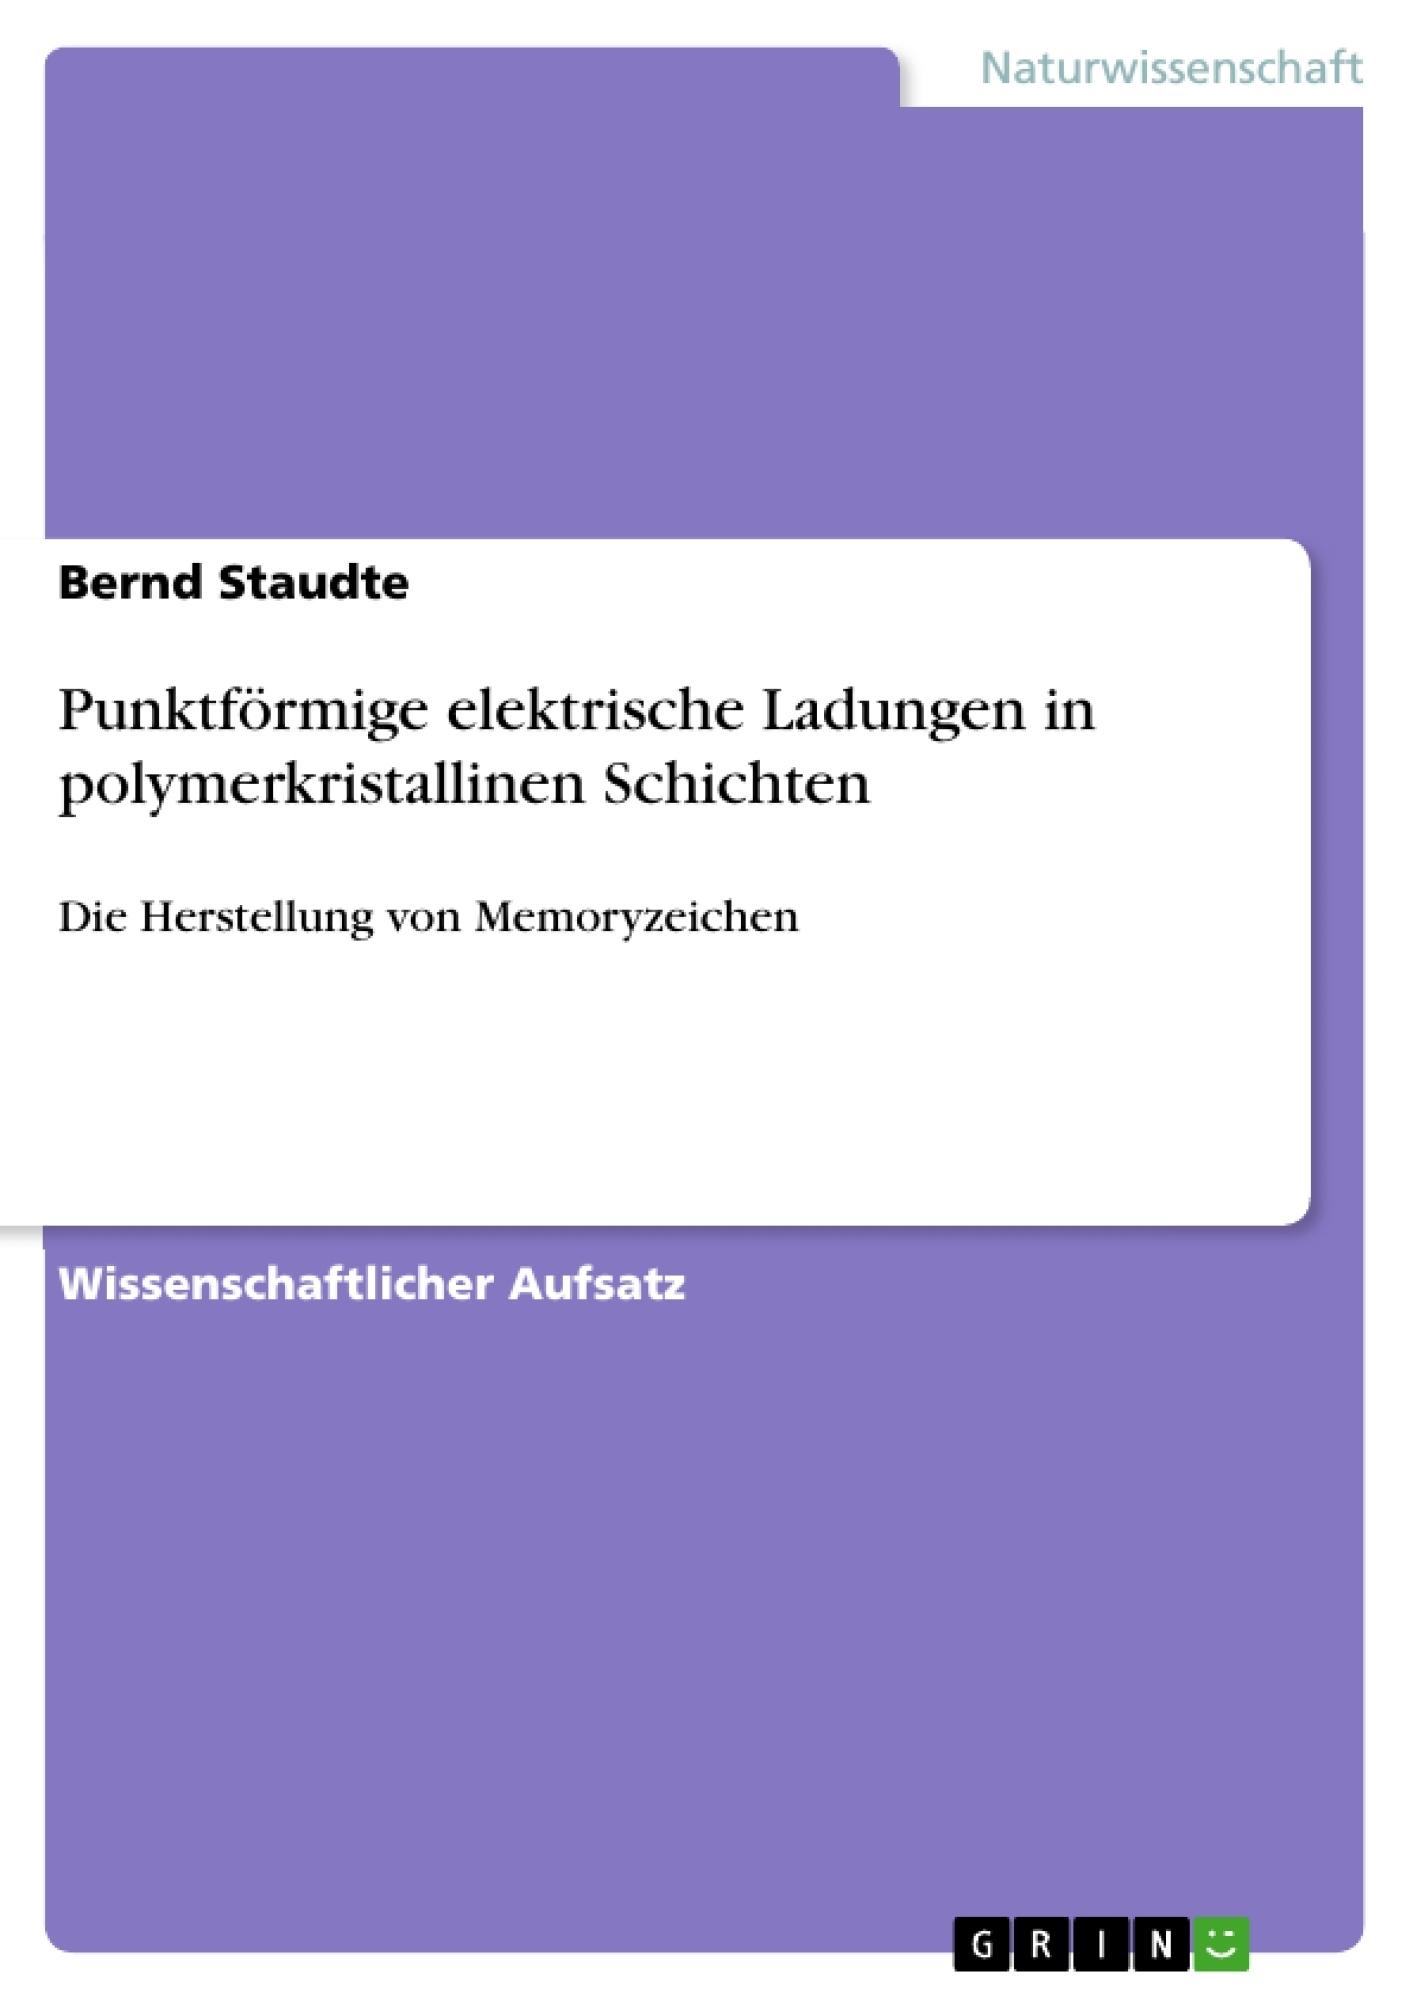 Titel: Punktförmige elektrische Ladungen in polymerkristallinen Schichten